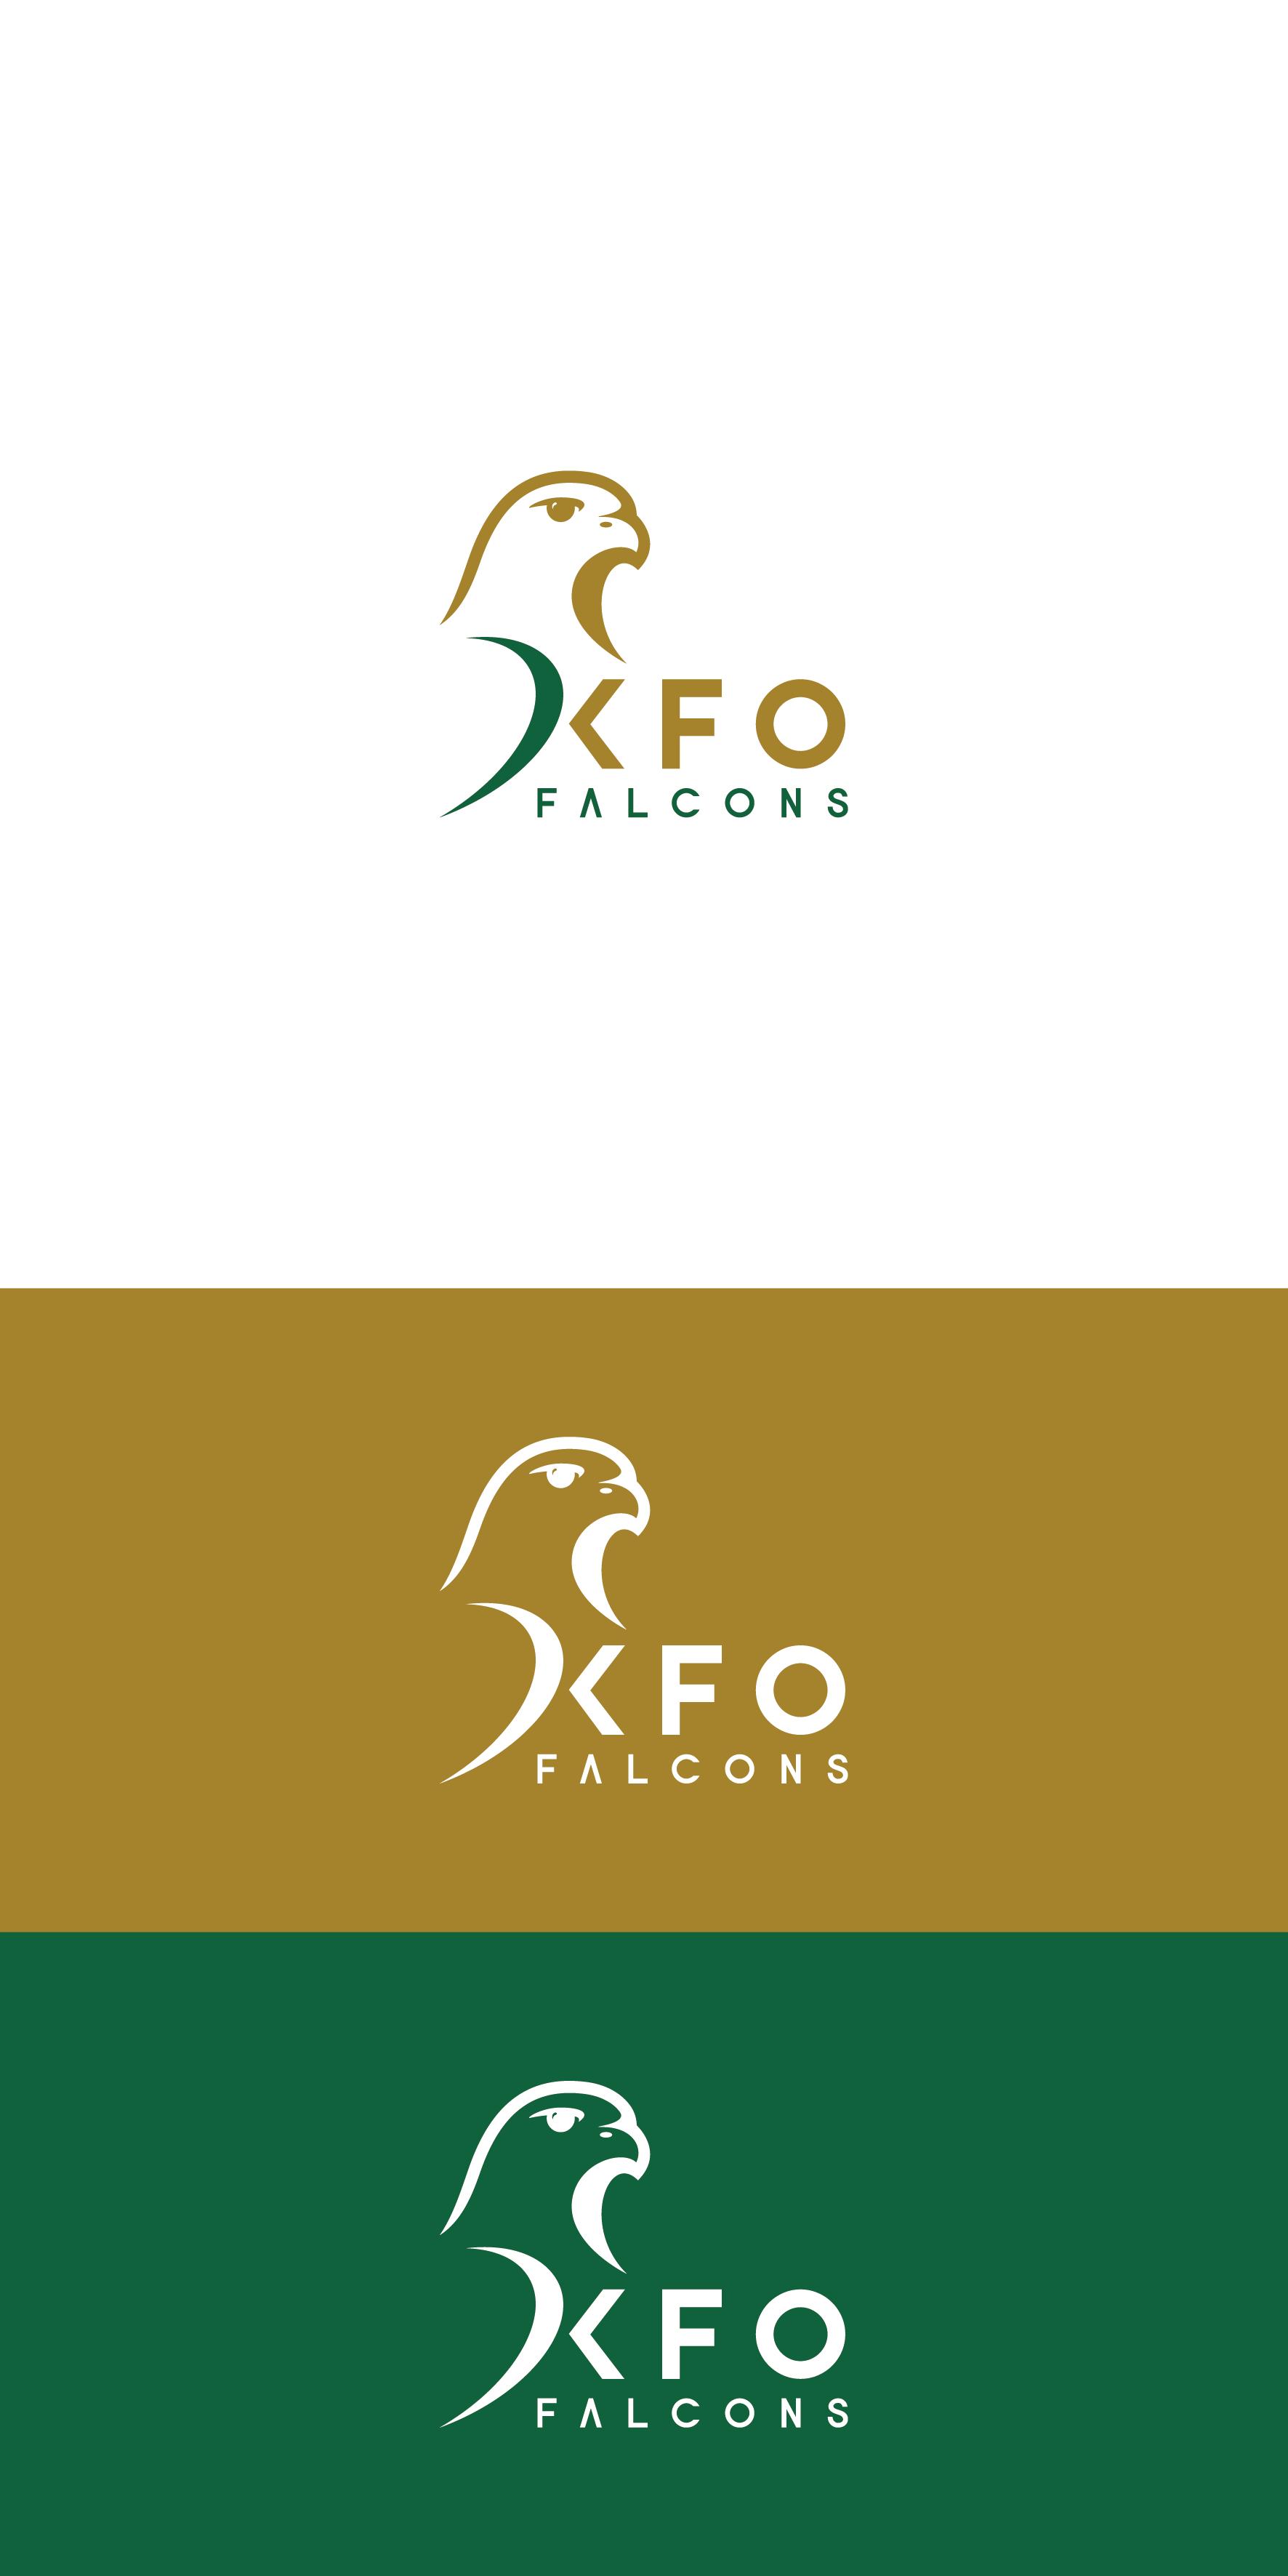 Design a logo for Falcons farm